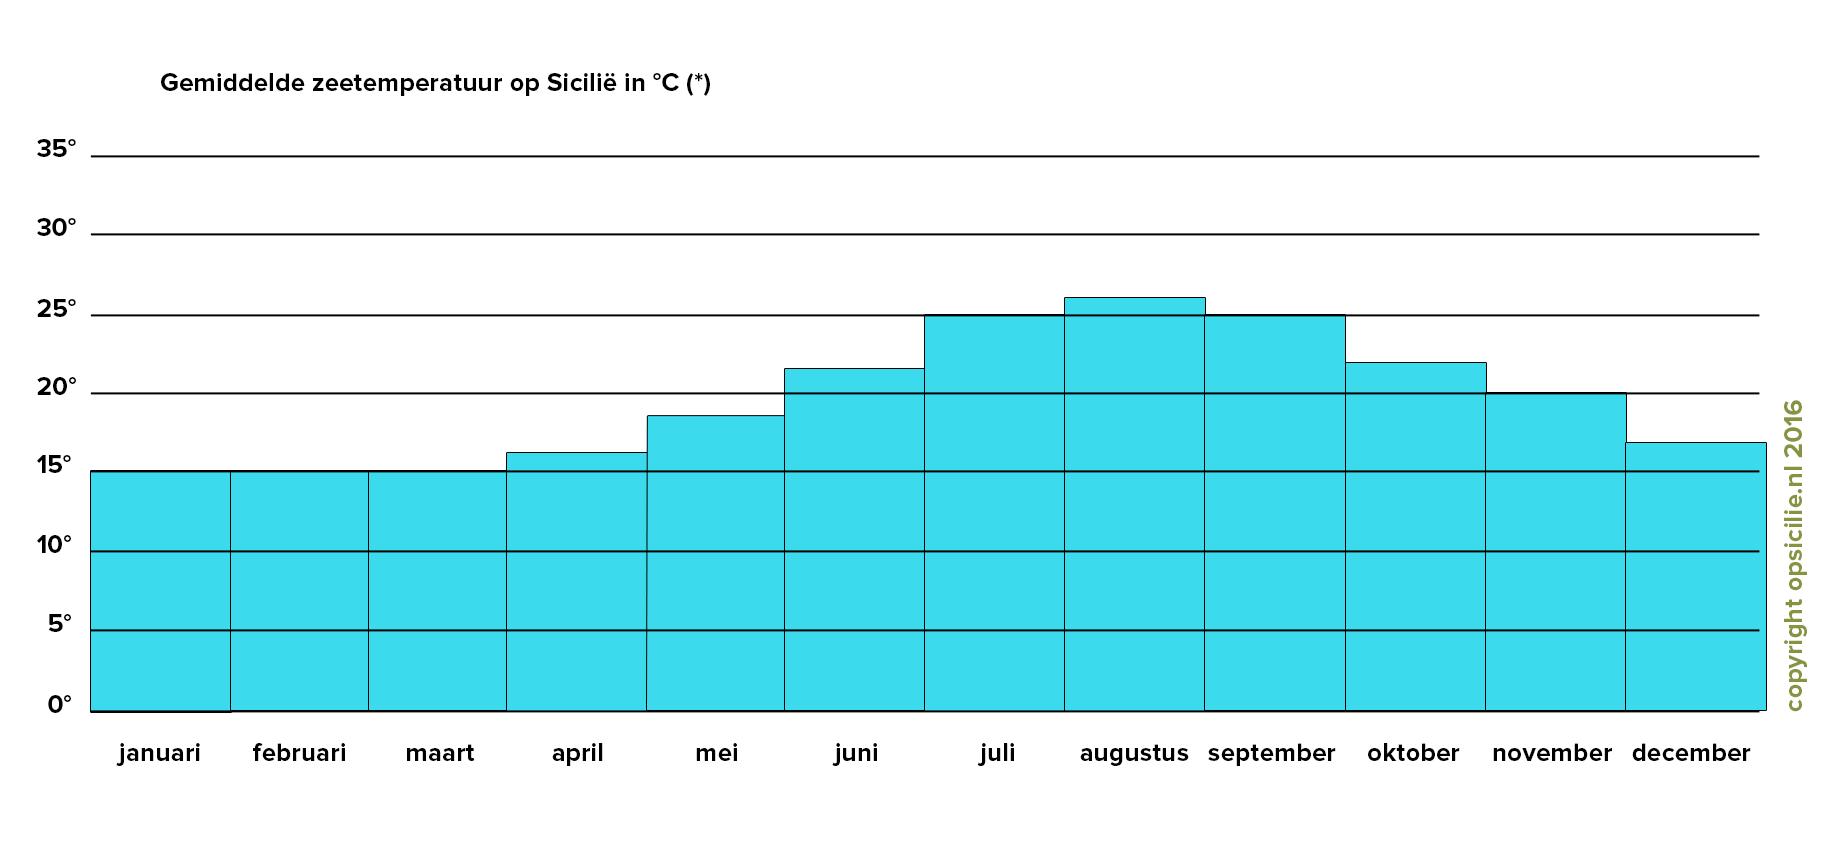 De gemiddelde zeetemperaturen op Sicilië